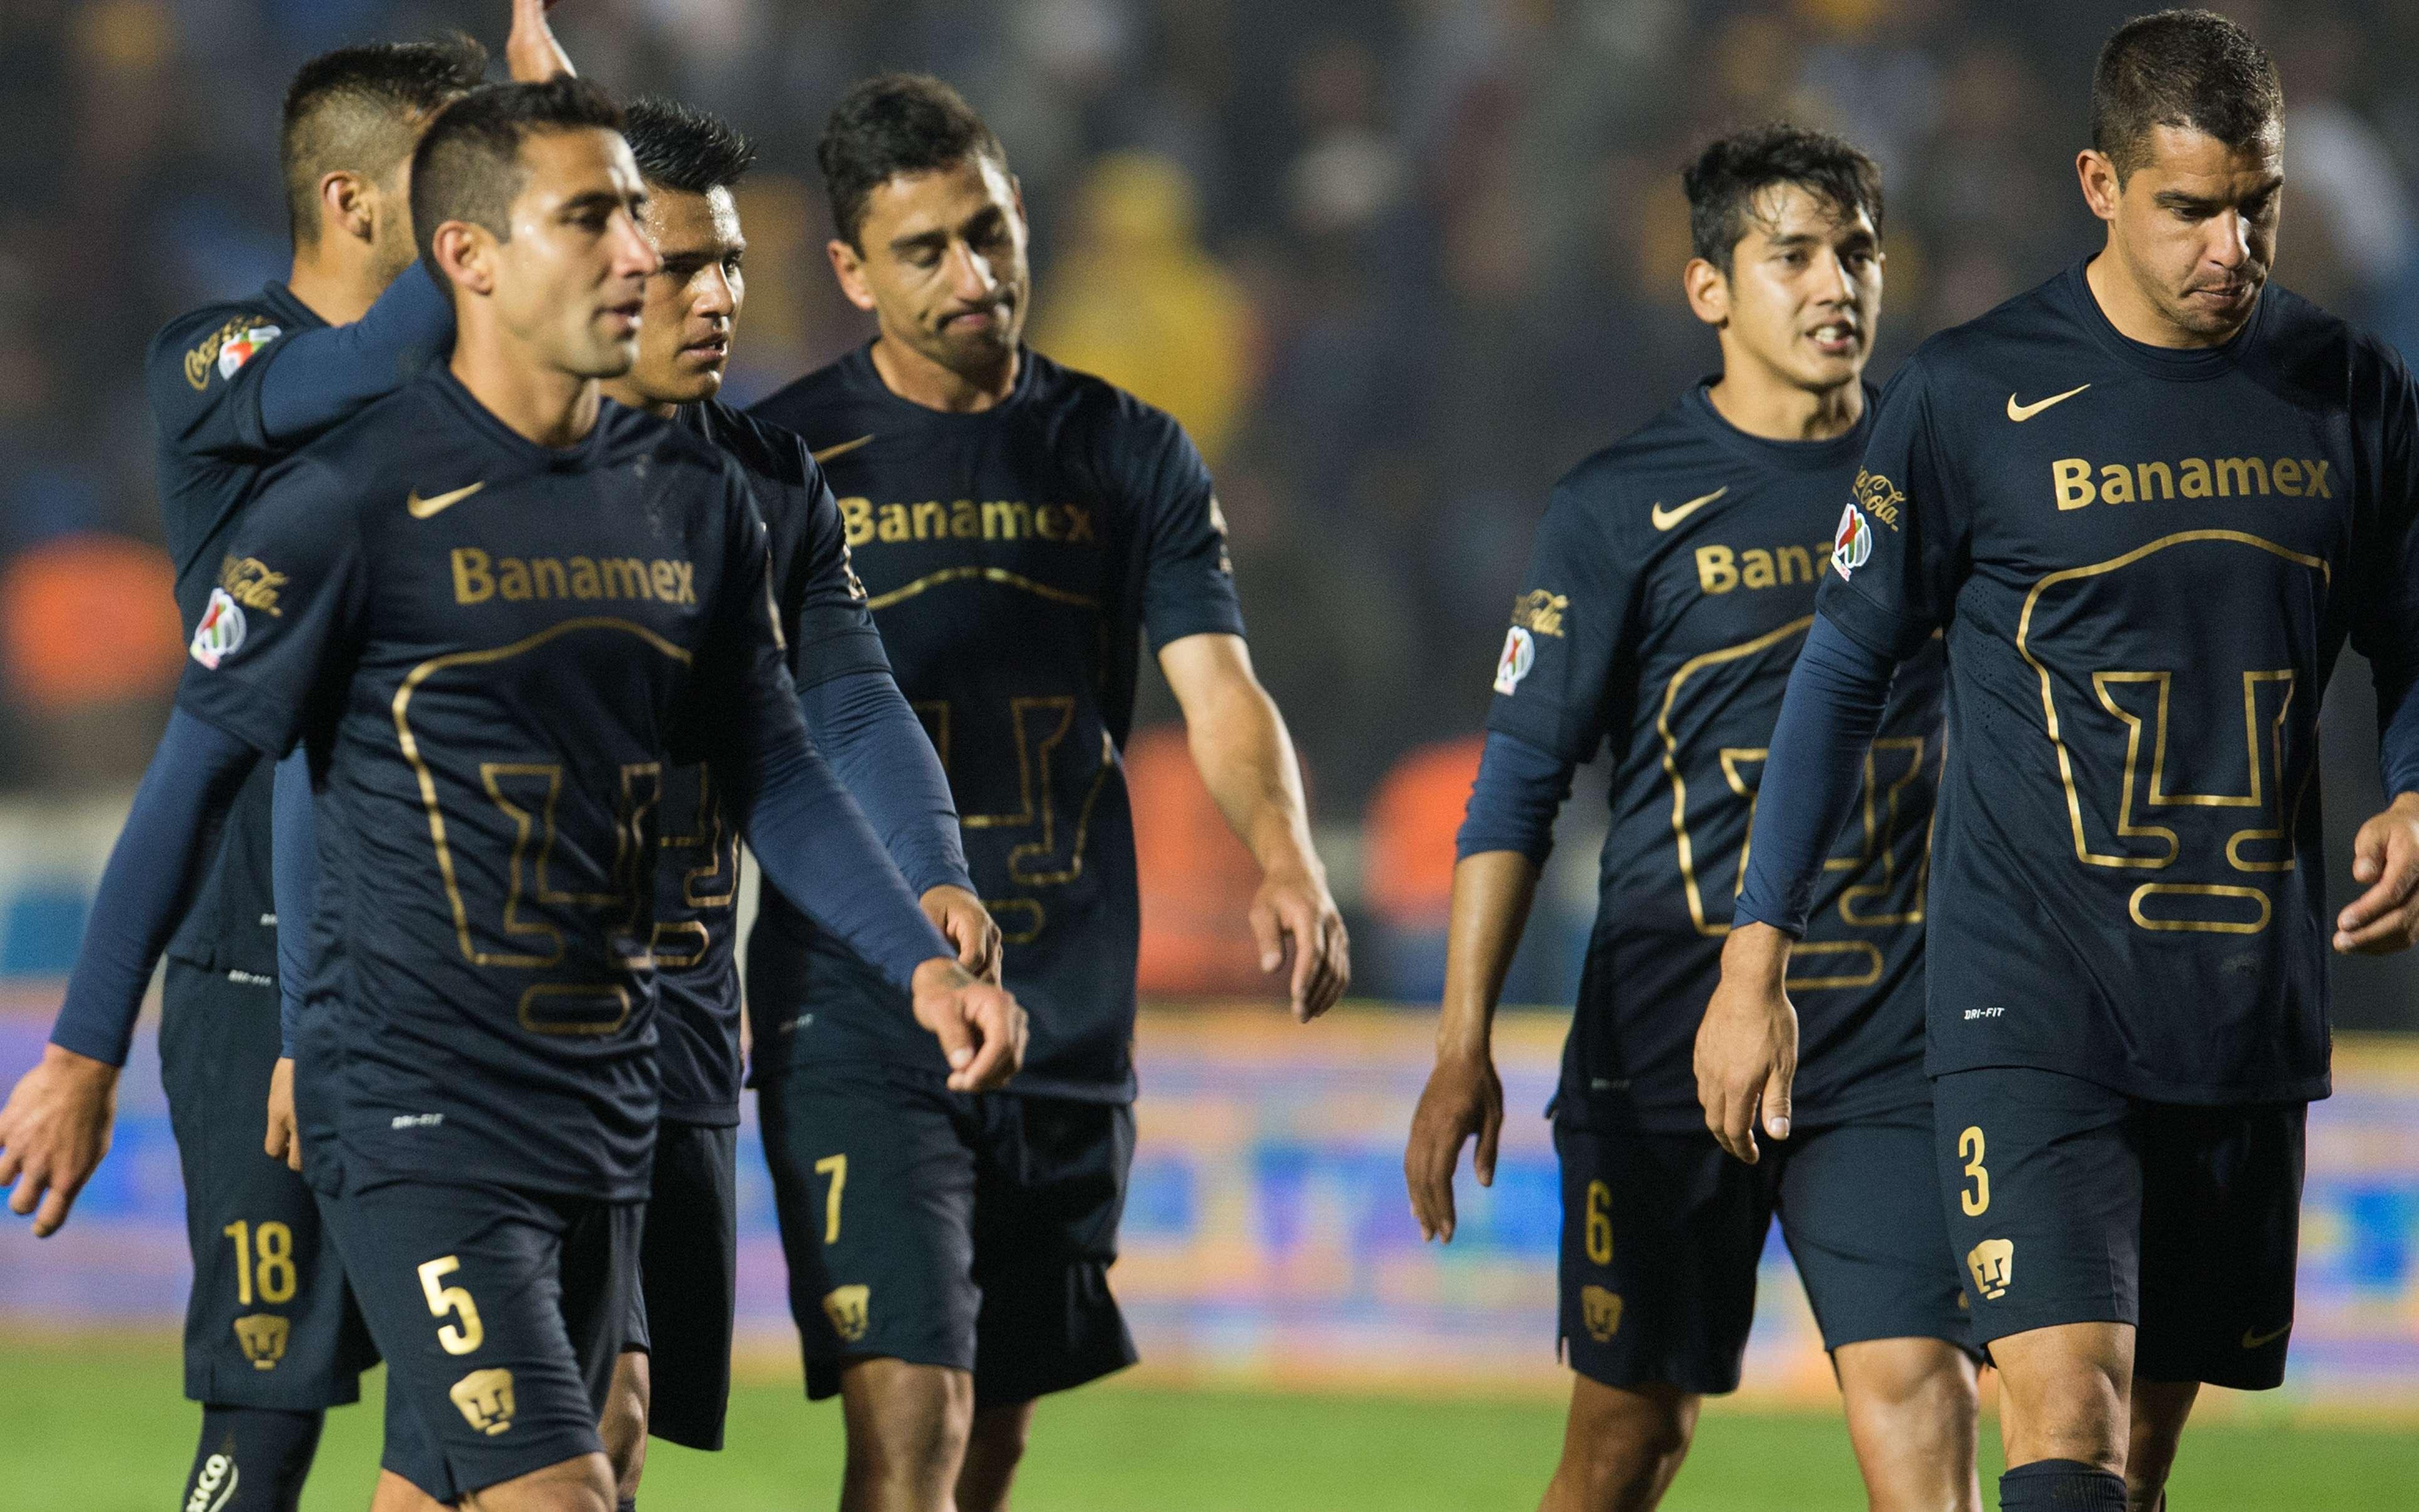 Gerardo Alcoba (derecha) es seguido por Silvio Torales y Jonathan Ramis, los tres son los últimos refuerzos de Pumas. Foto: Mexsport